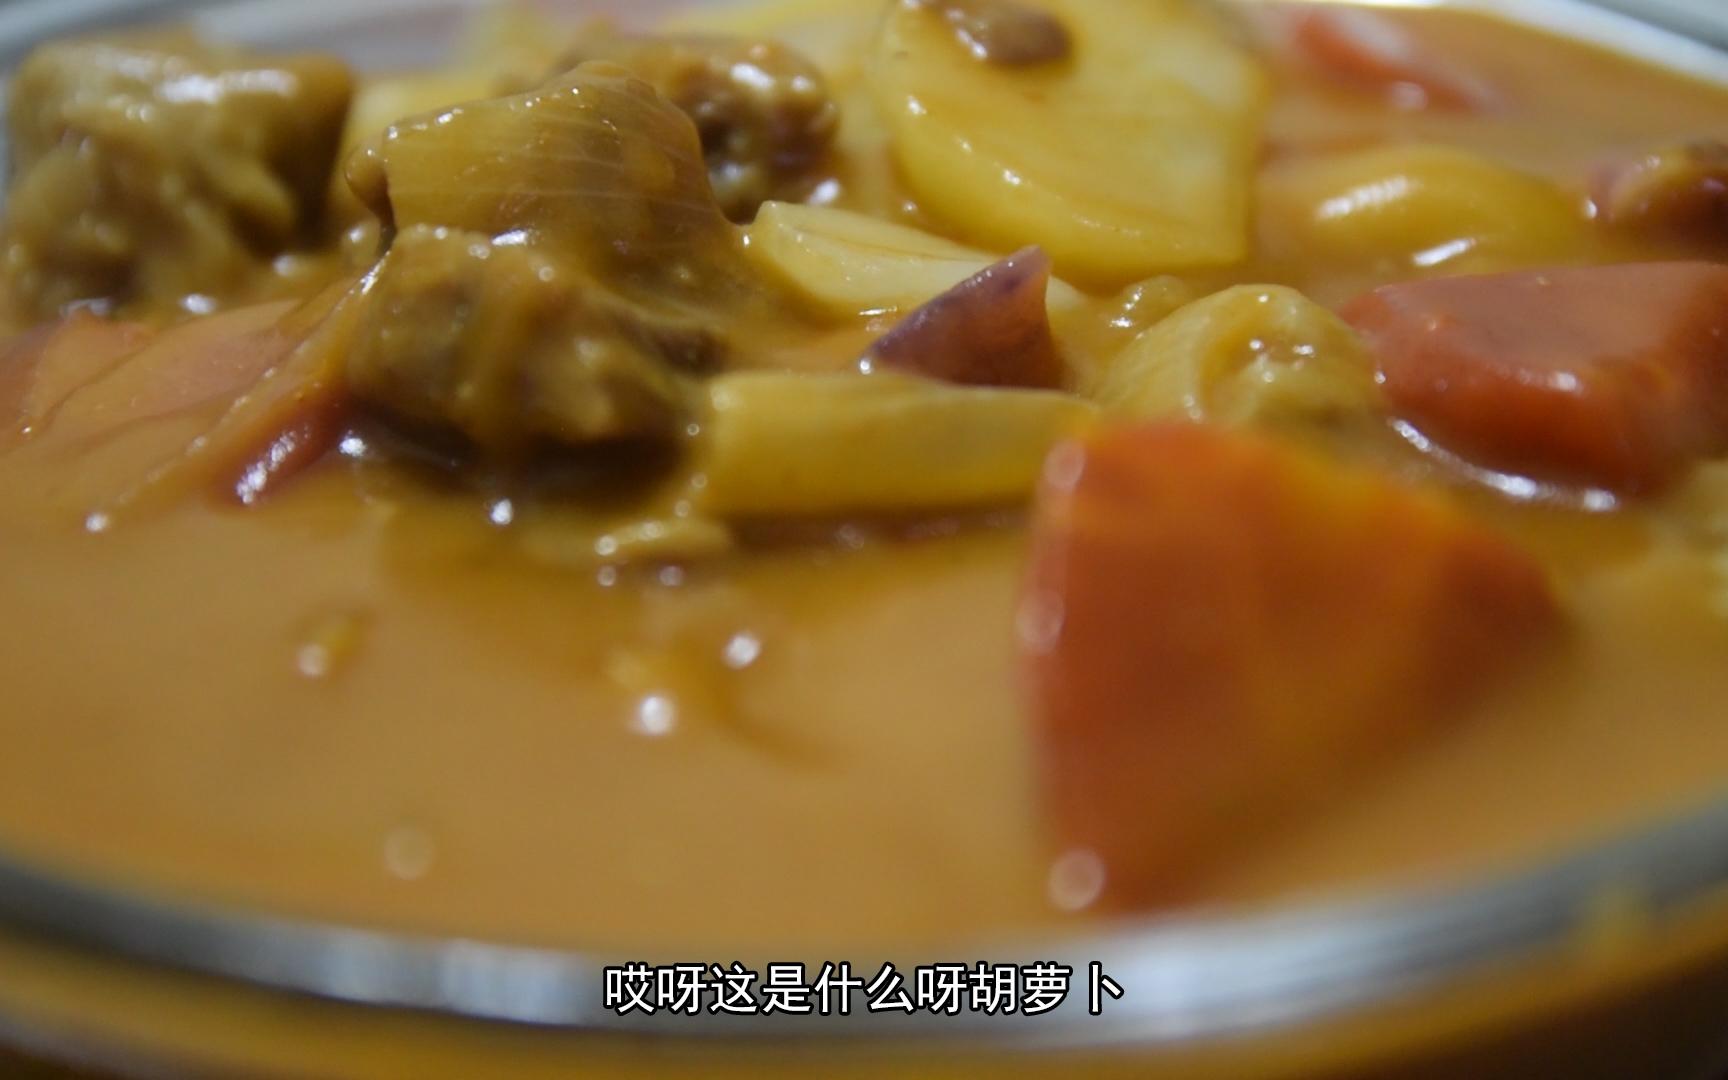 黄油,牛肉,土豆,热量极高的俄餐红扒牛肉,没有白兰地,做两个素菜给胖胖